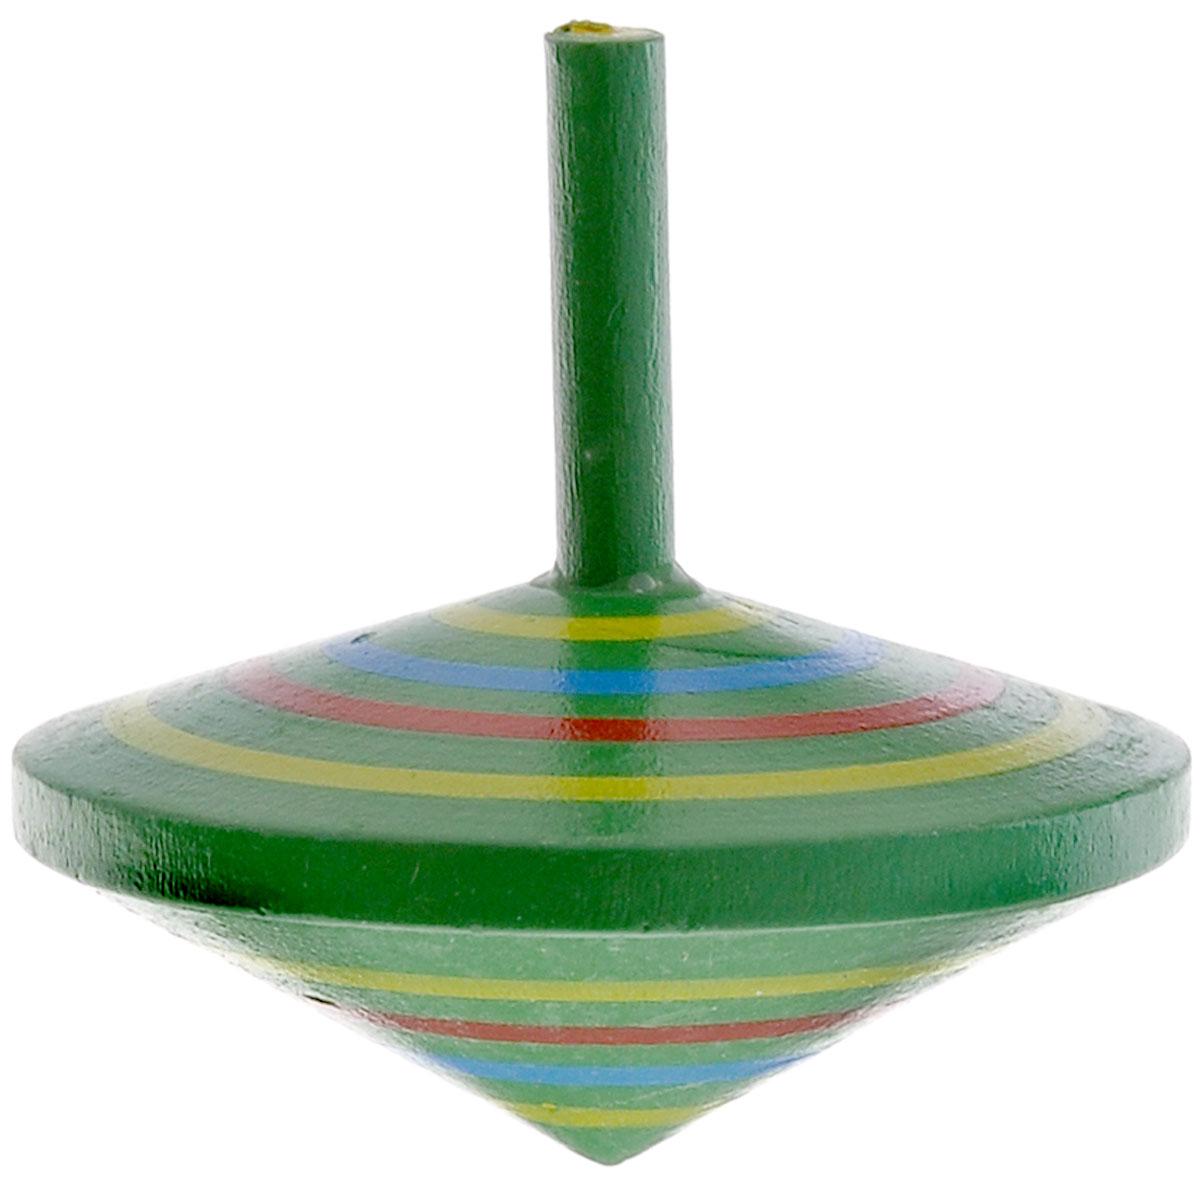 Mapacha Волчок Спиралька цвет зеленый76417_зеленыйВолчок Спиралька динамическая игрушка, которая знакомит ребенка с физическими понятиями равновесия и движения. Выполнена из качественной древесины. У него тонкая удобная ручка и небольшой вес. Играя с волчком, ребенок развивает внимательность, учится правильно рассчитывать силу и точность движения пальцев и кисти.